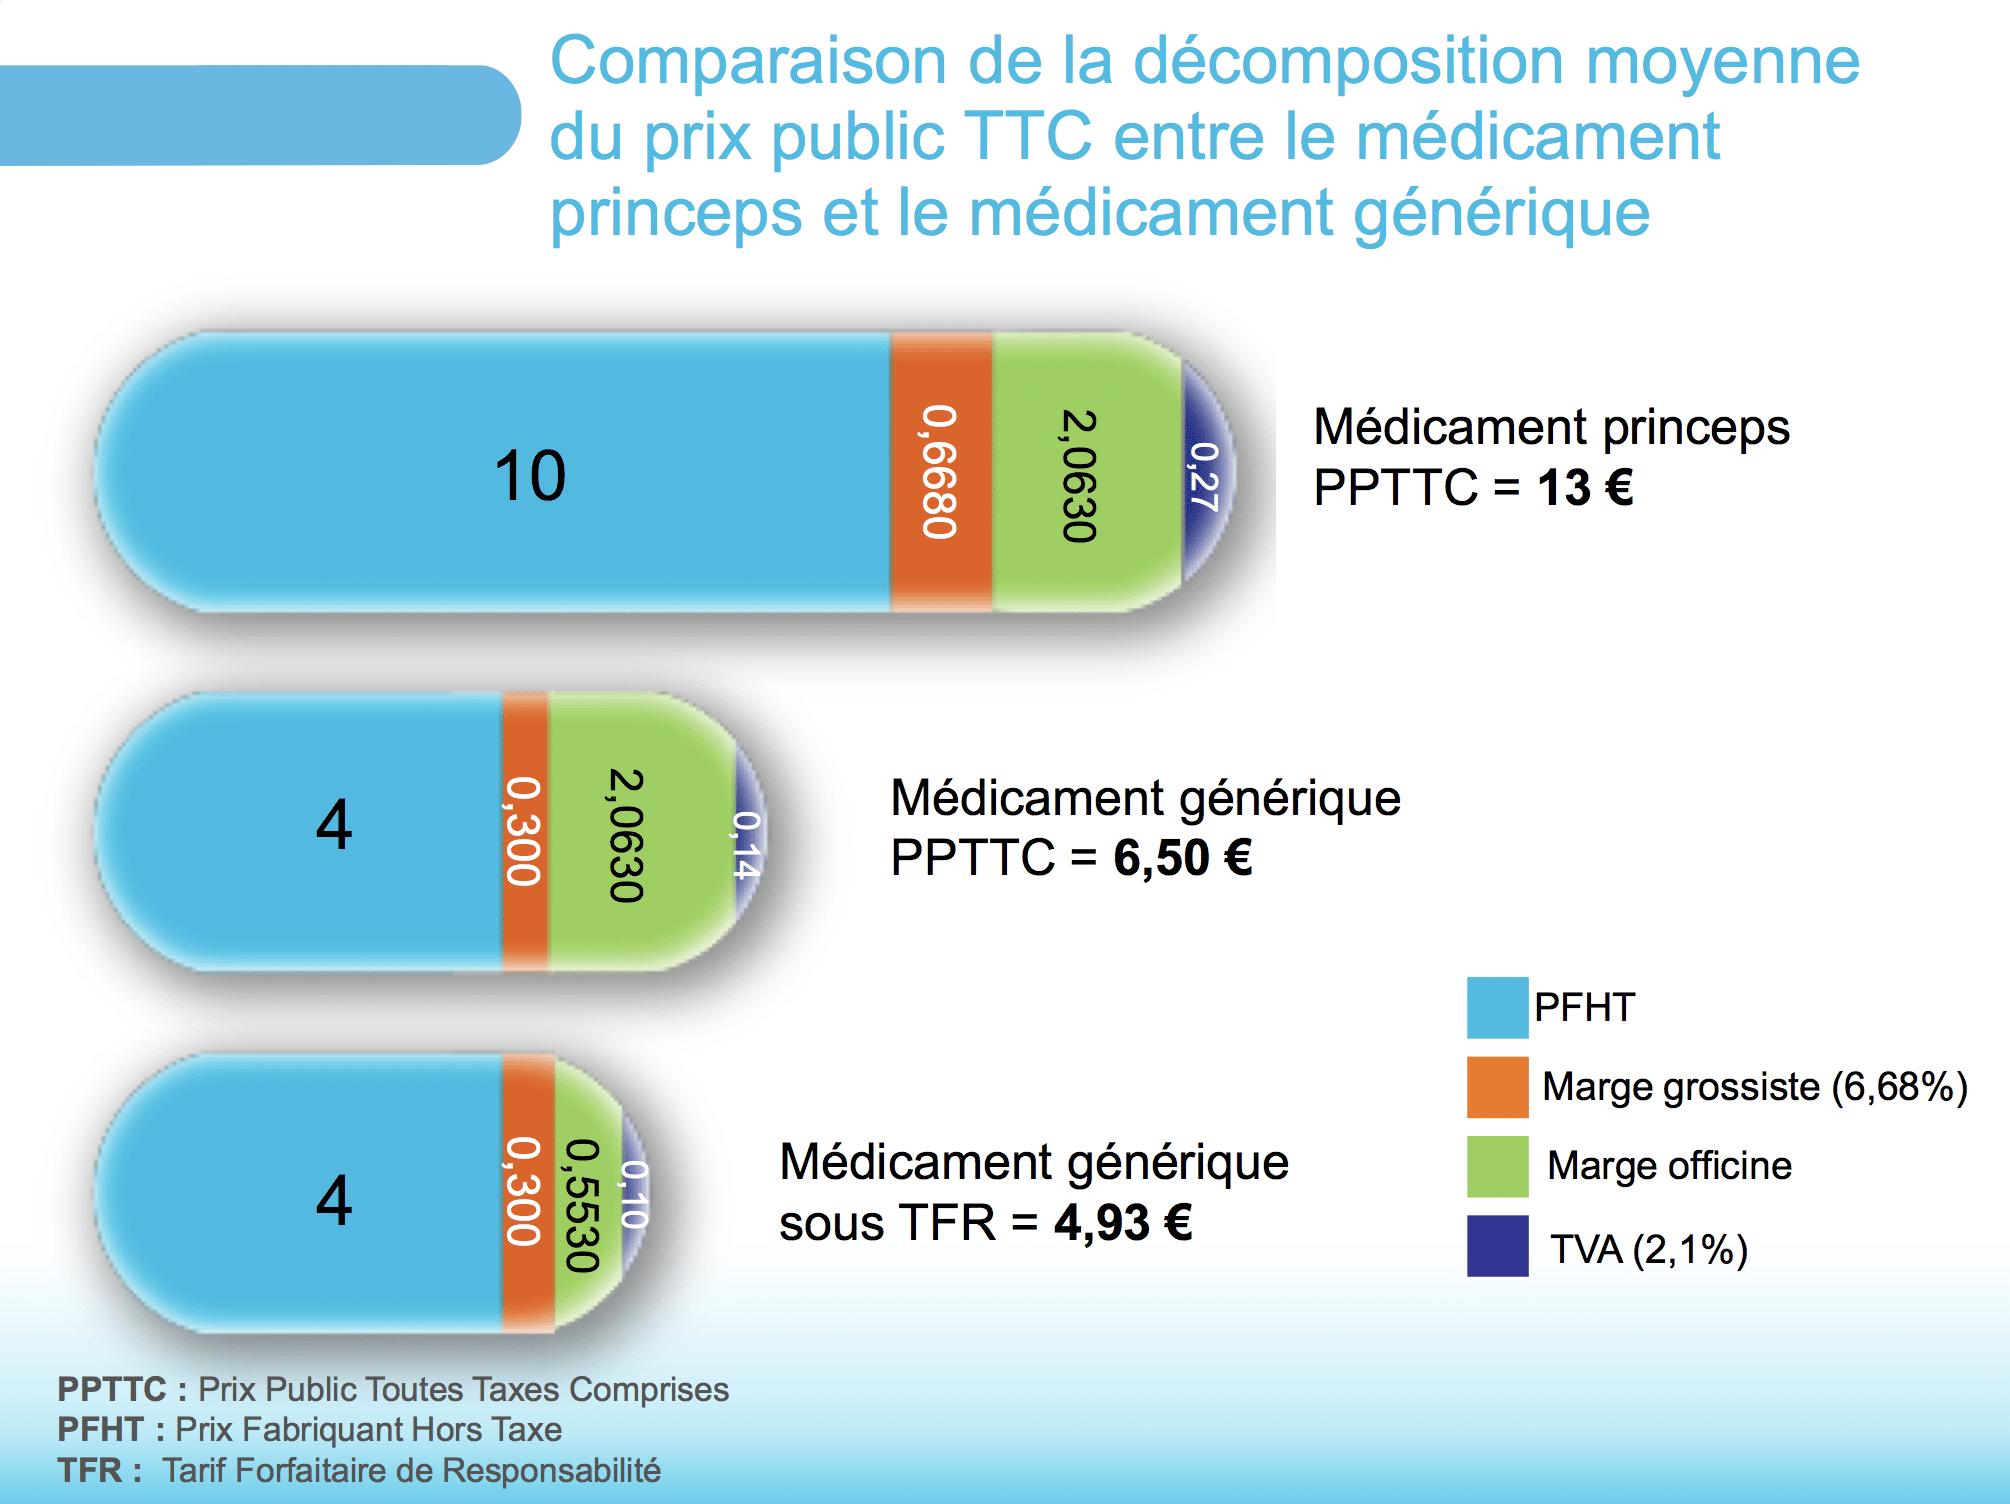 Comparaison de la décomposition moyenne du prix public TTC entre le médicament princeps et le médicament générique